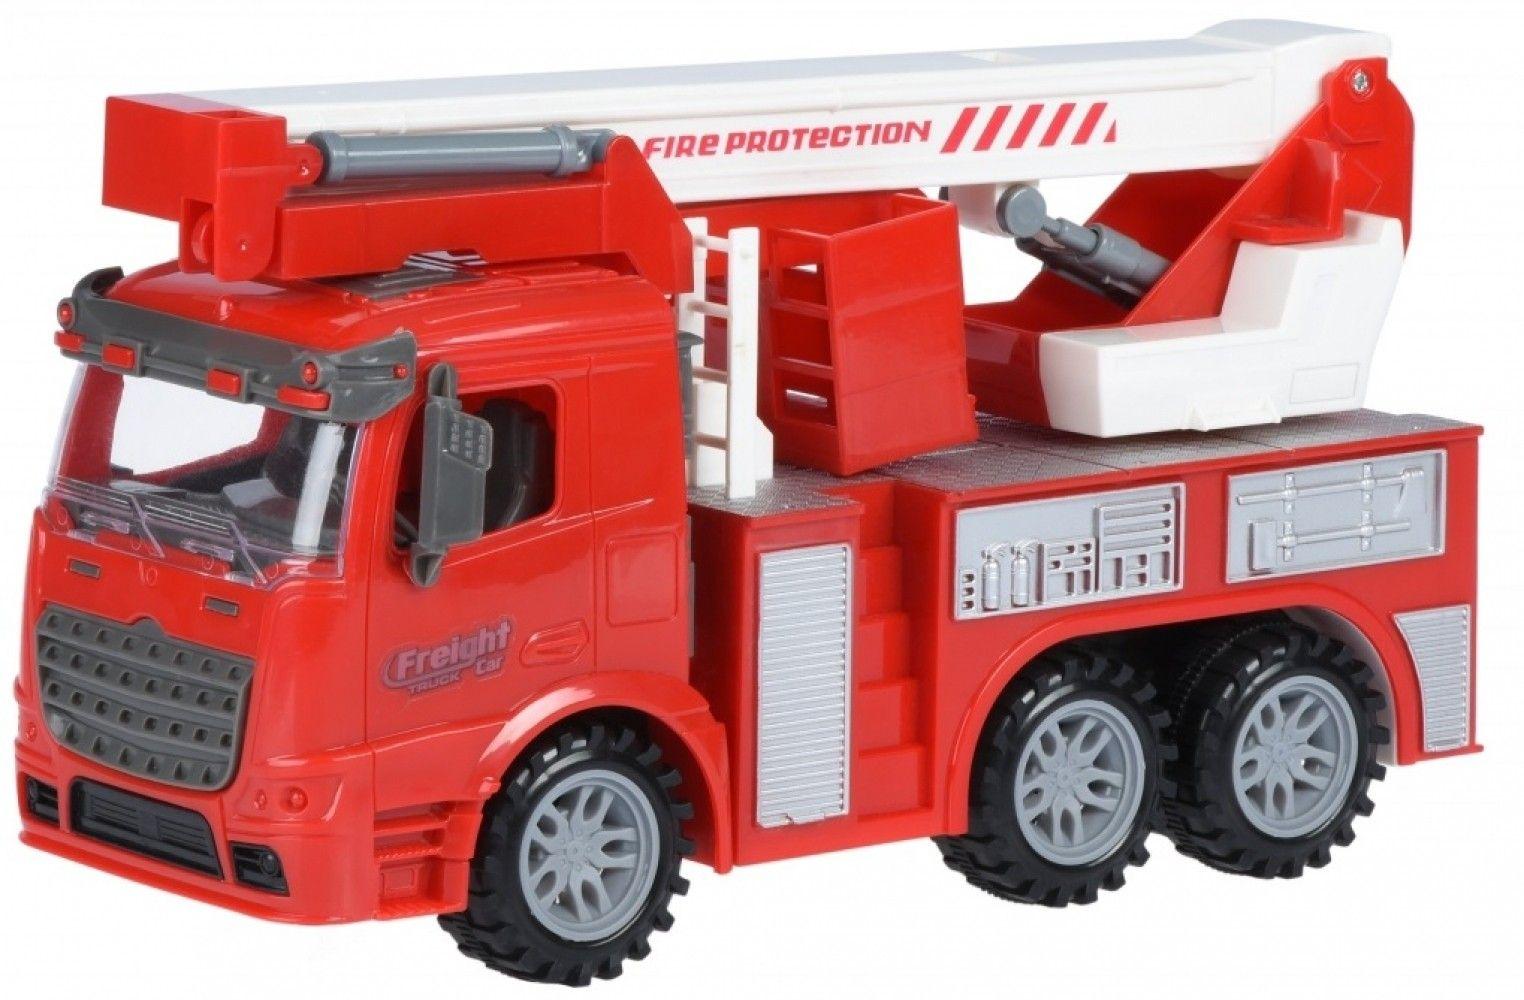 Купить Игрушечные машинки и техника, Машинка Same Toy Truck Пожарная машина с подъемным краном со светом и звуком (98-617AUt)